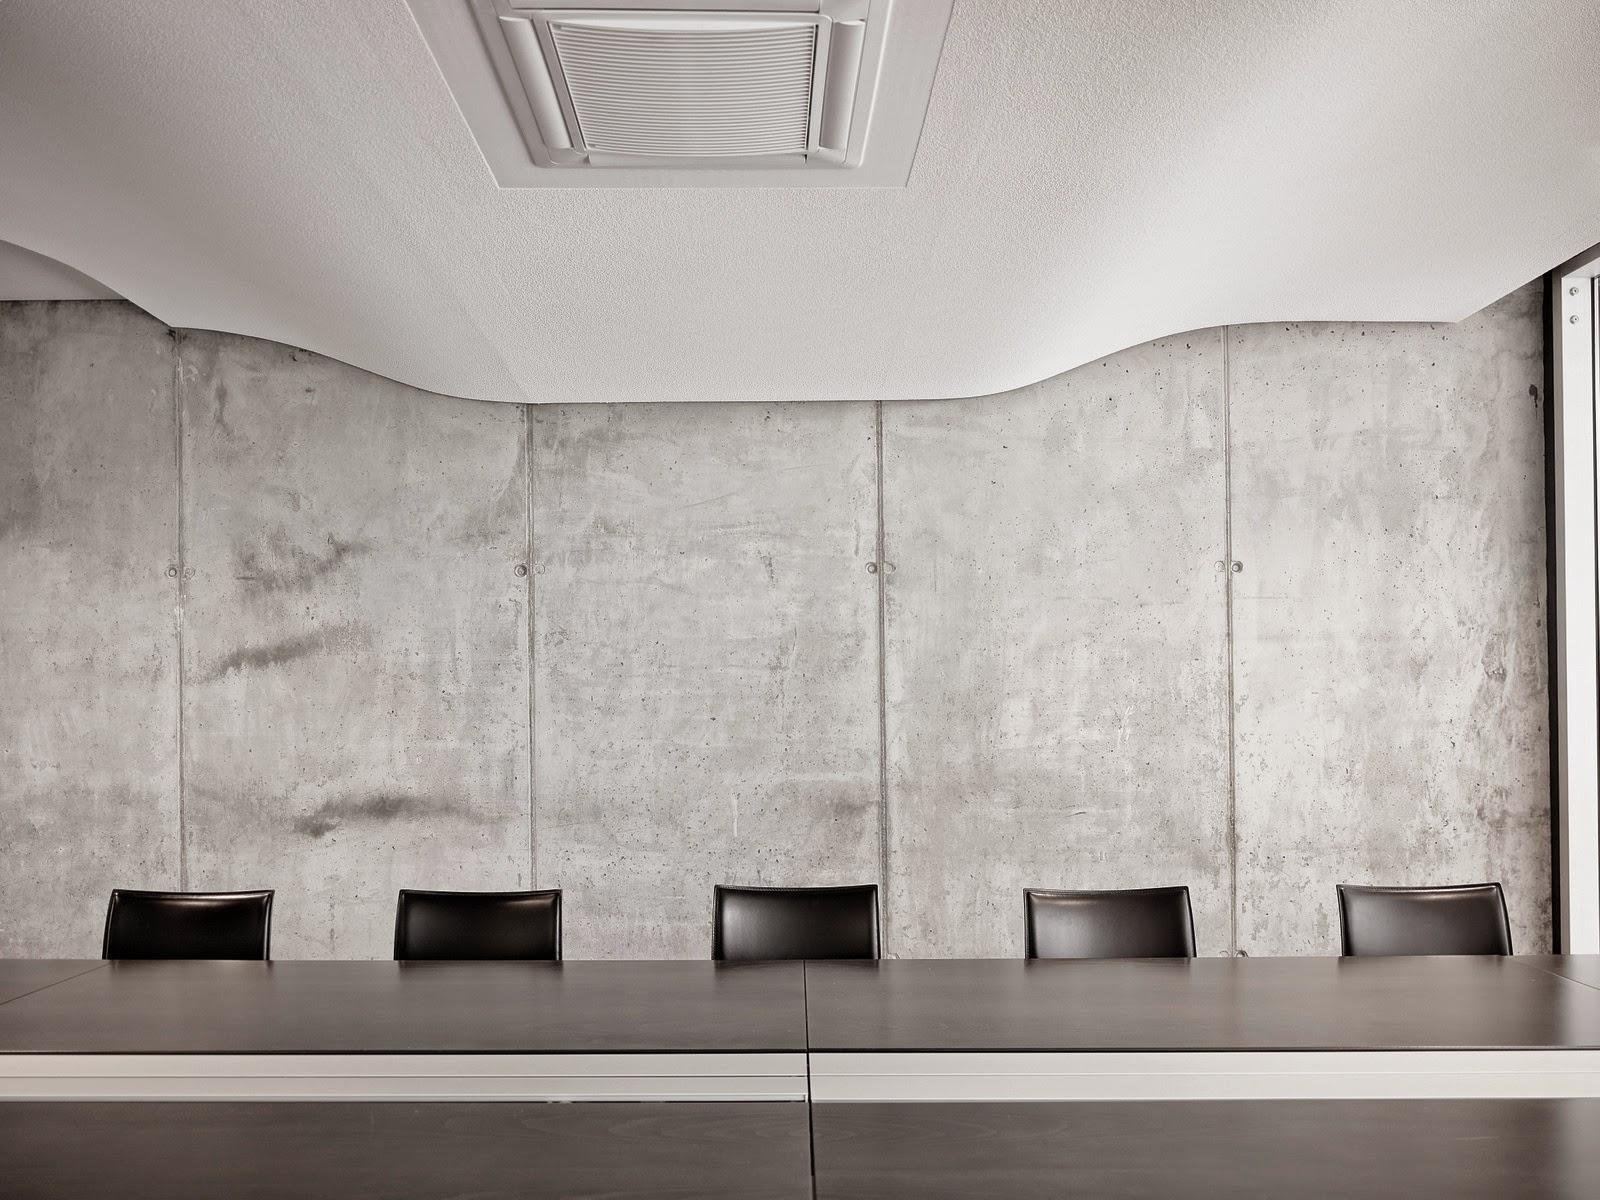 desain-interior-kantor-modern-dinamis-energik-innocean-ruang dan rumahku-blogspot_021